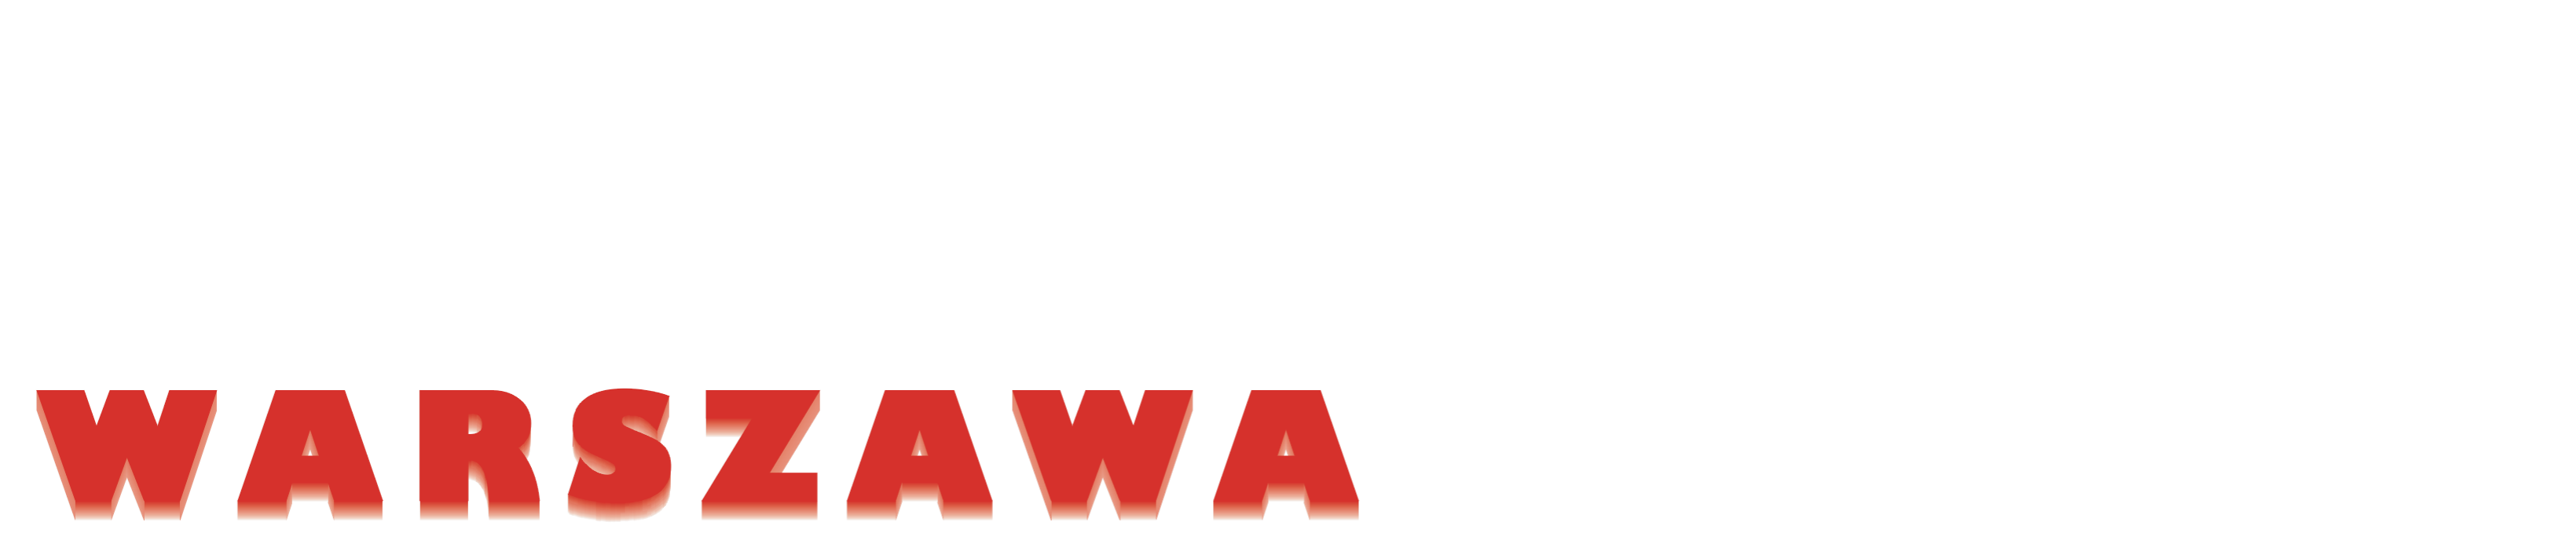 Uczniowski Klub Sportowy Plas Warszawa